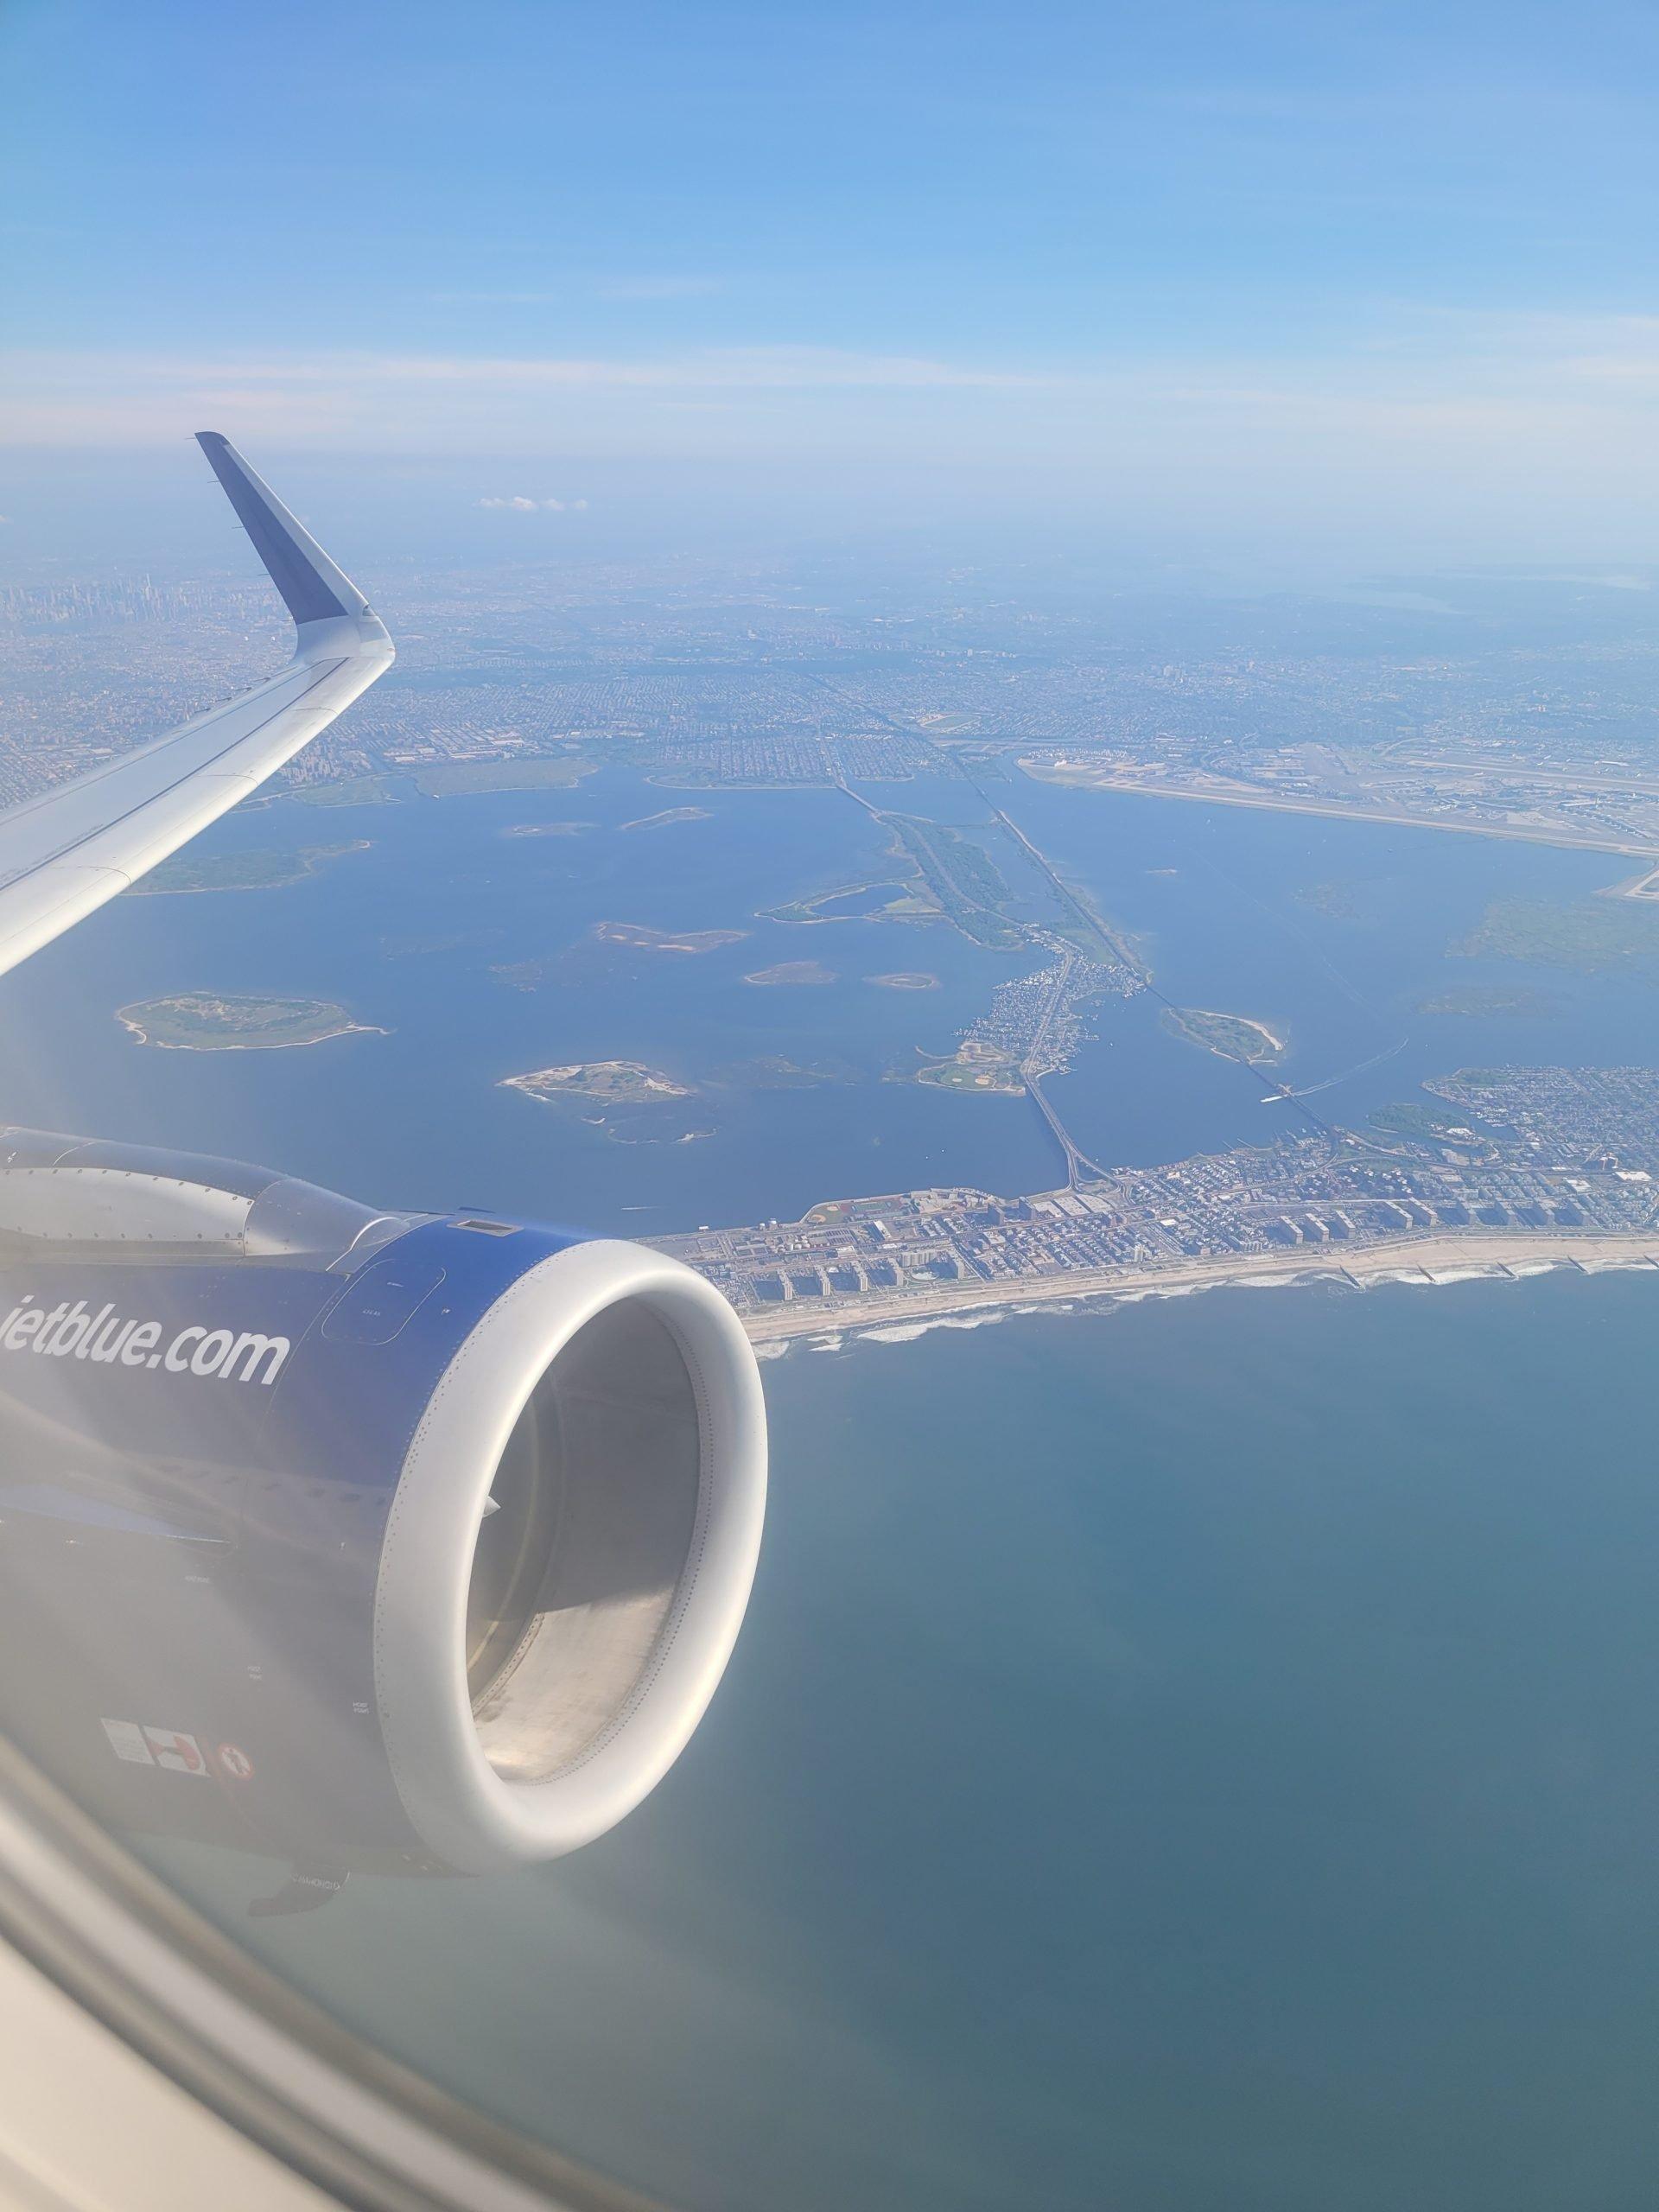 jetblue flight to the Bahamas